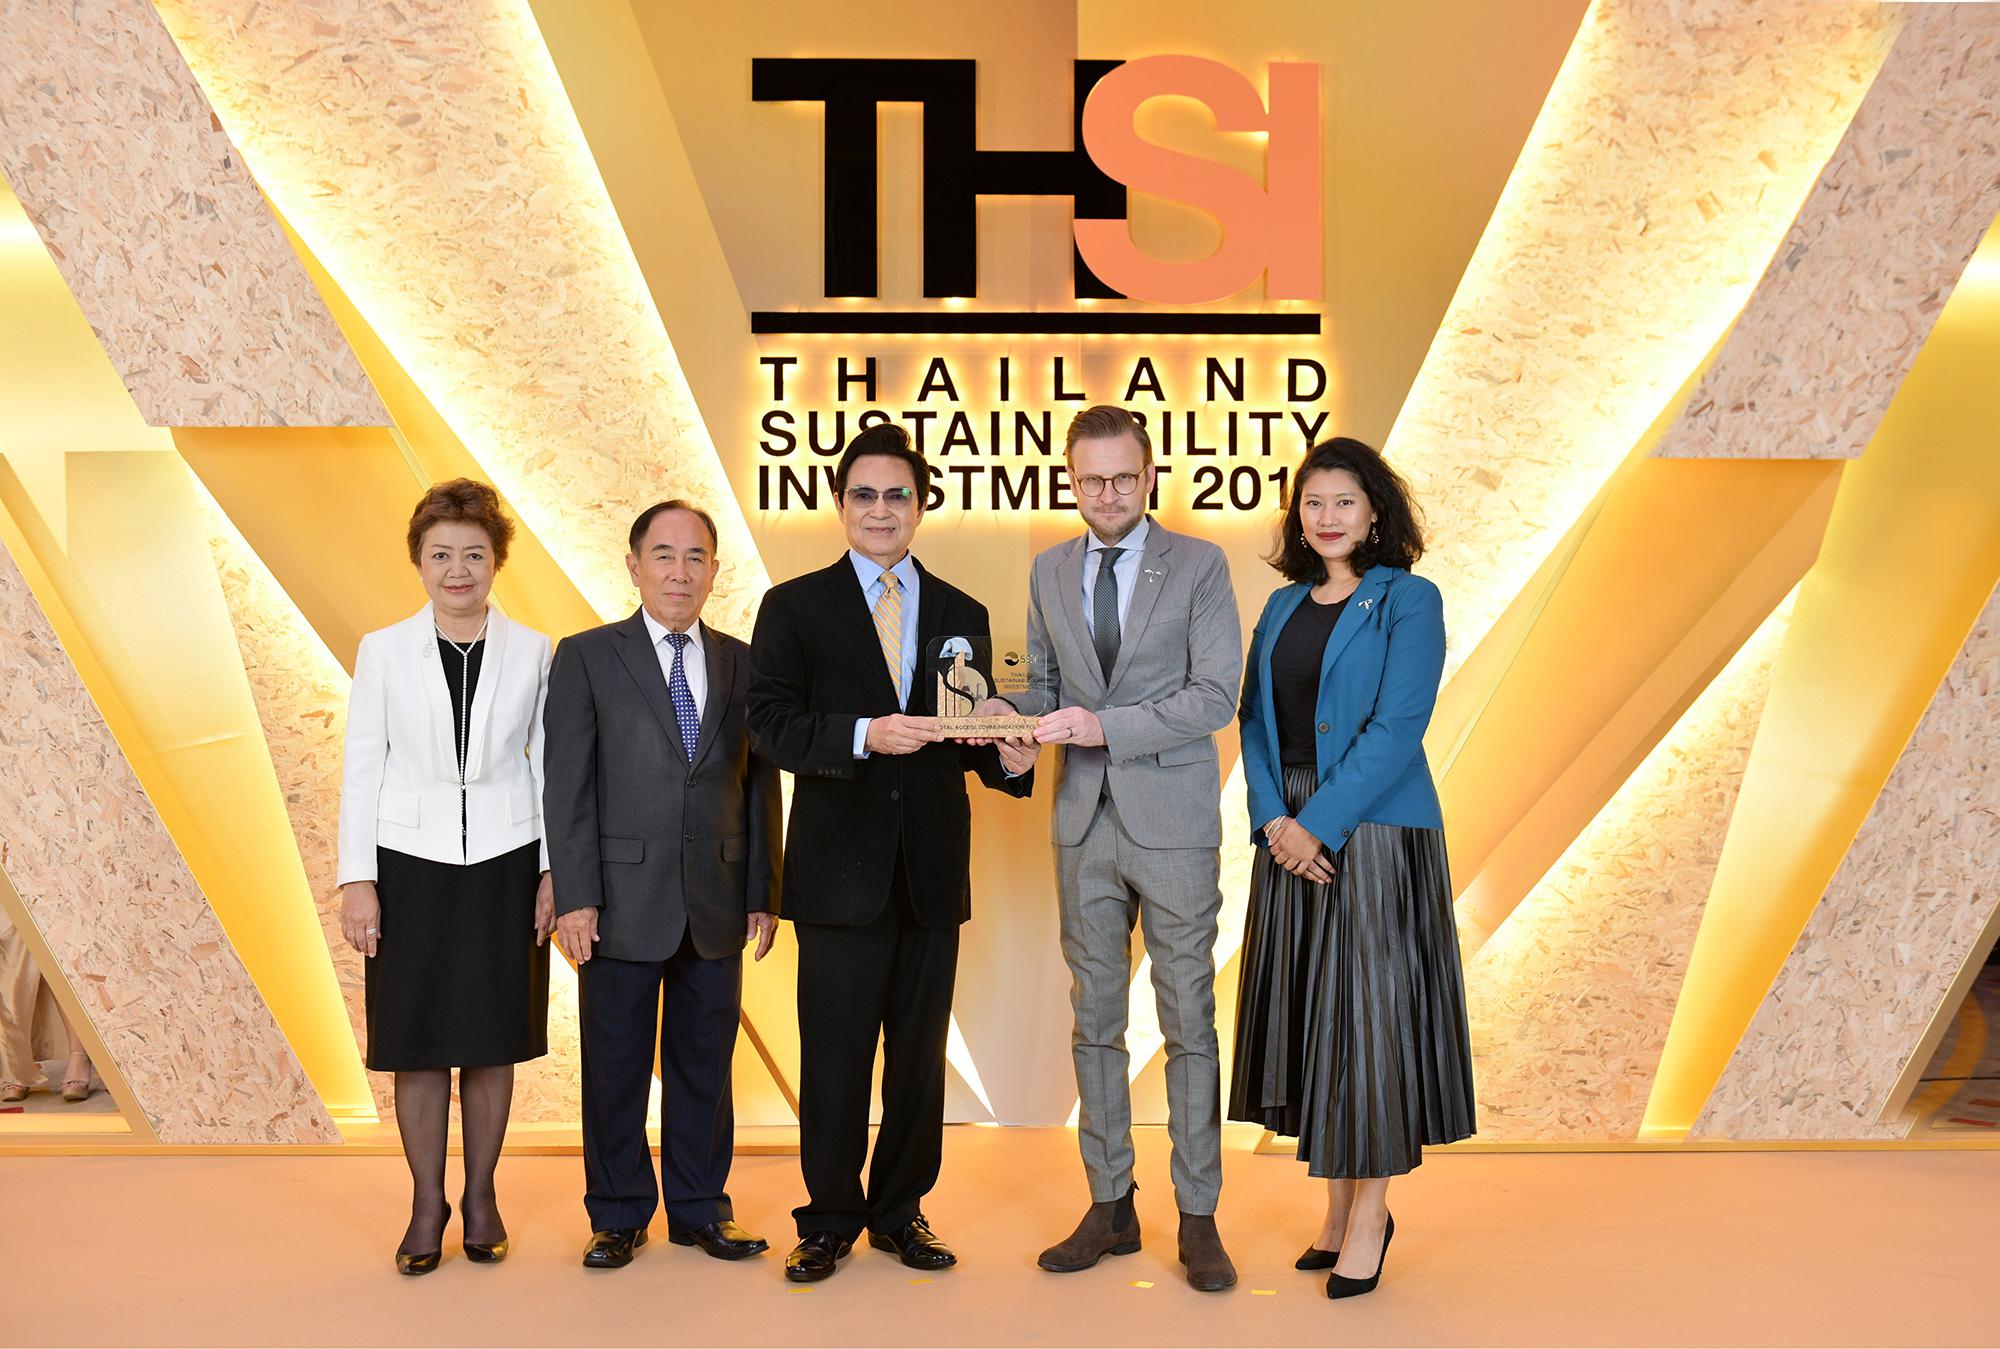 """ดีแทคติดอันดับ """"หุ้นยั่งยืน"""" จากตลาดหลักทรัพย์แห่งประเทศไทย ติดต่อกัน 4 ปีซ้อน"""